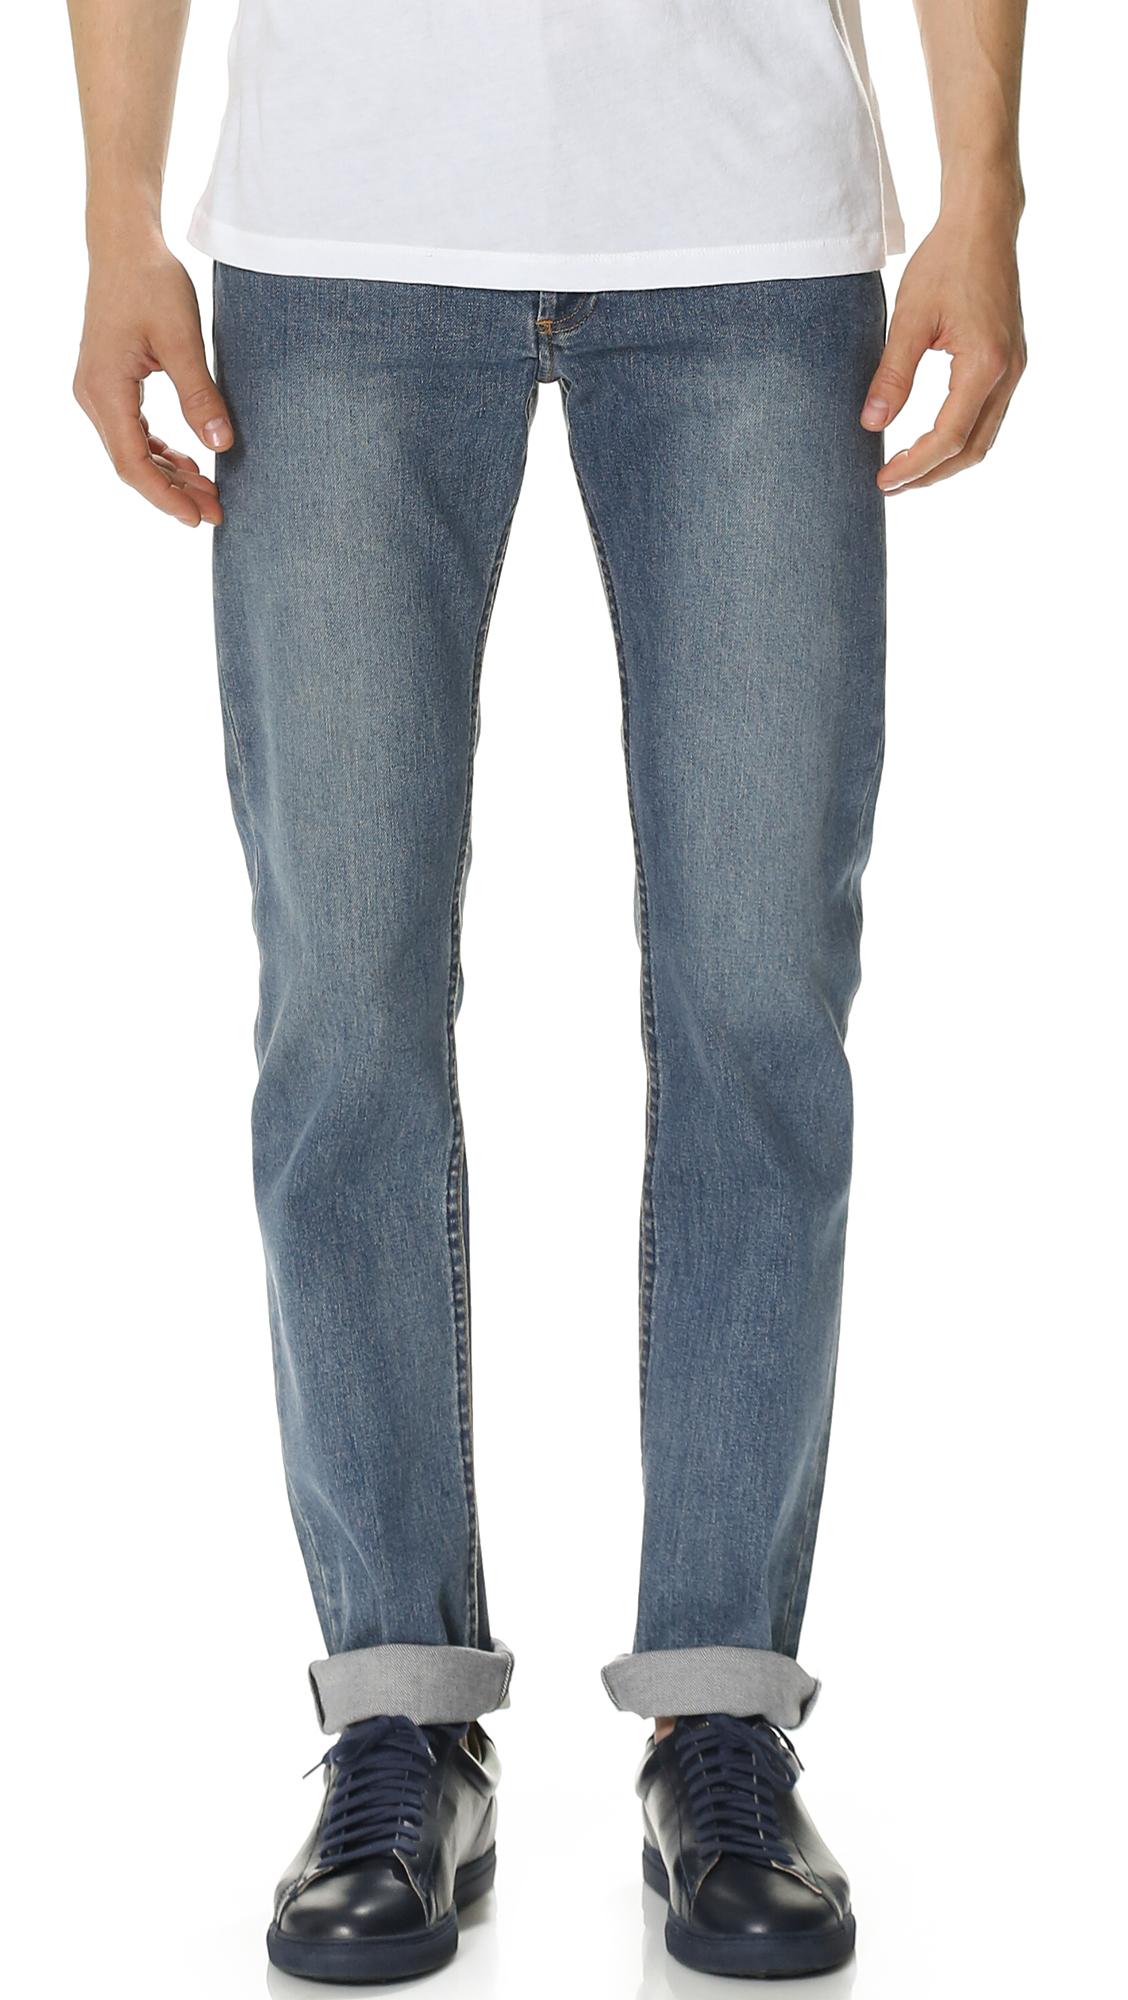 A.p.c. New Standard Stretch Jeans In Indigo